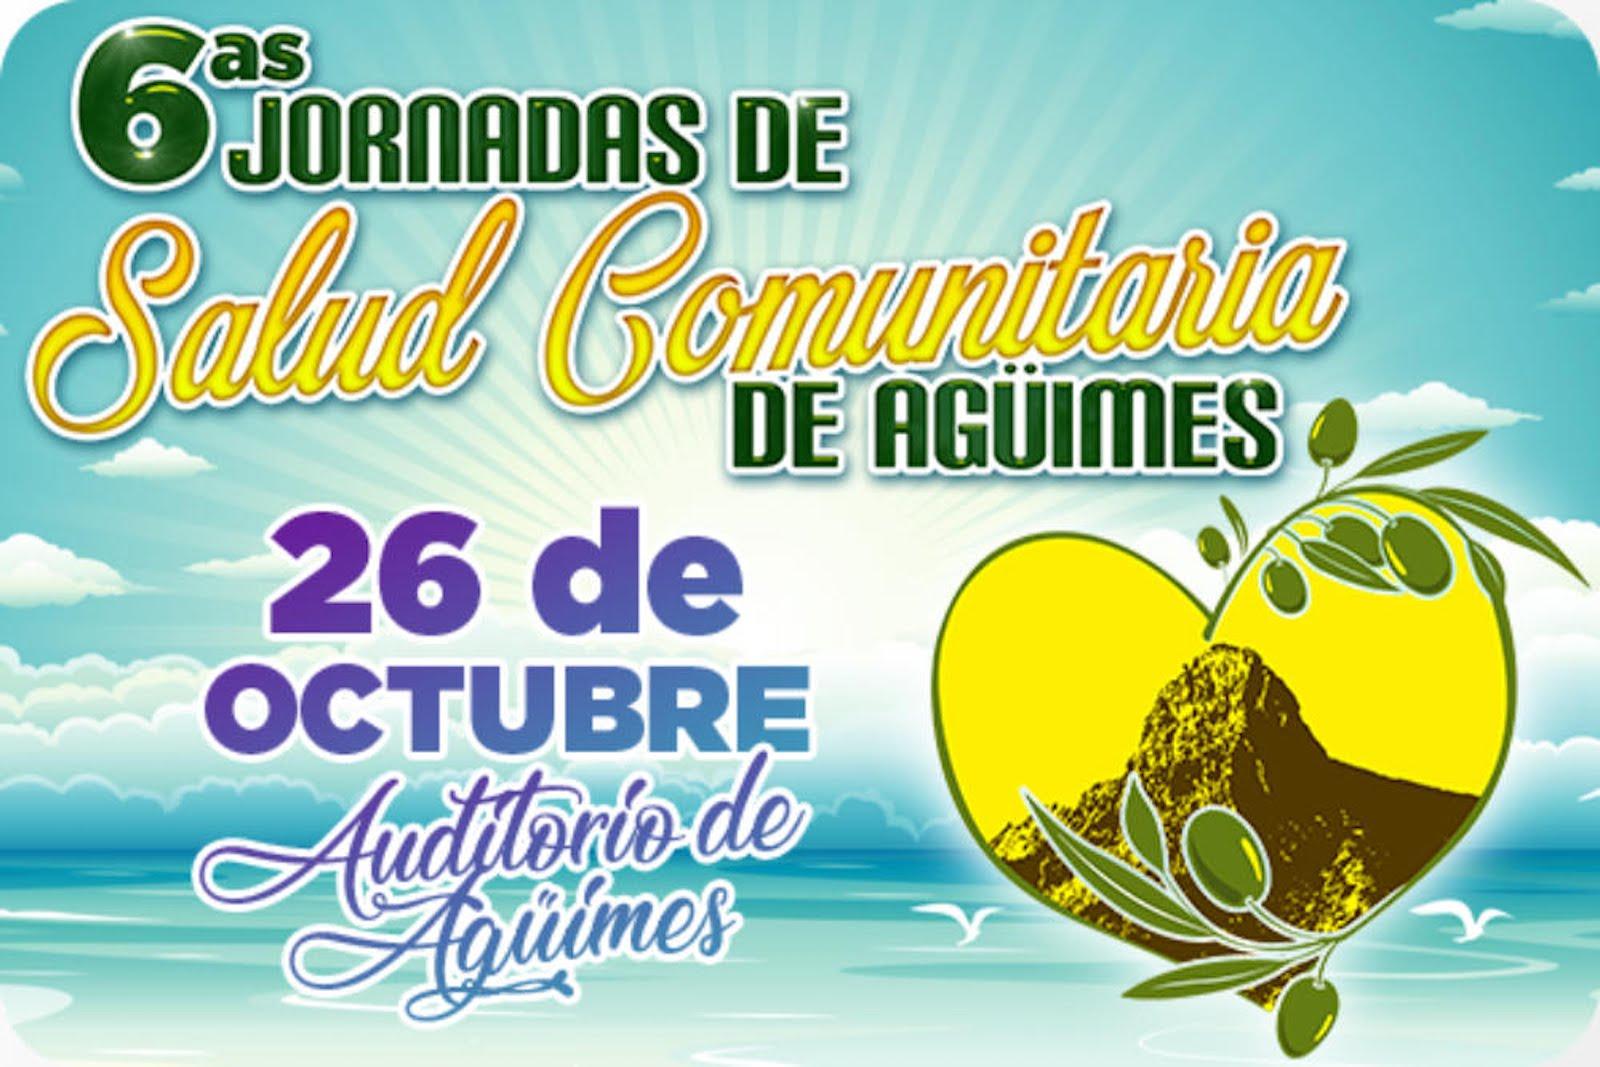 6ª Jornadas de Salud Comunitaria de Agüimes